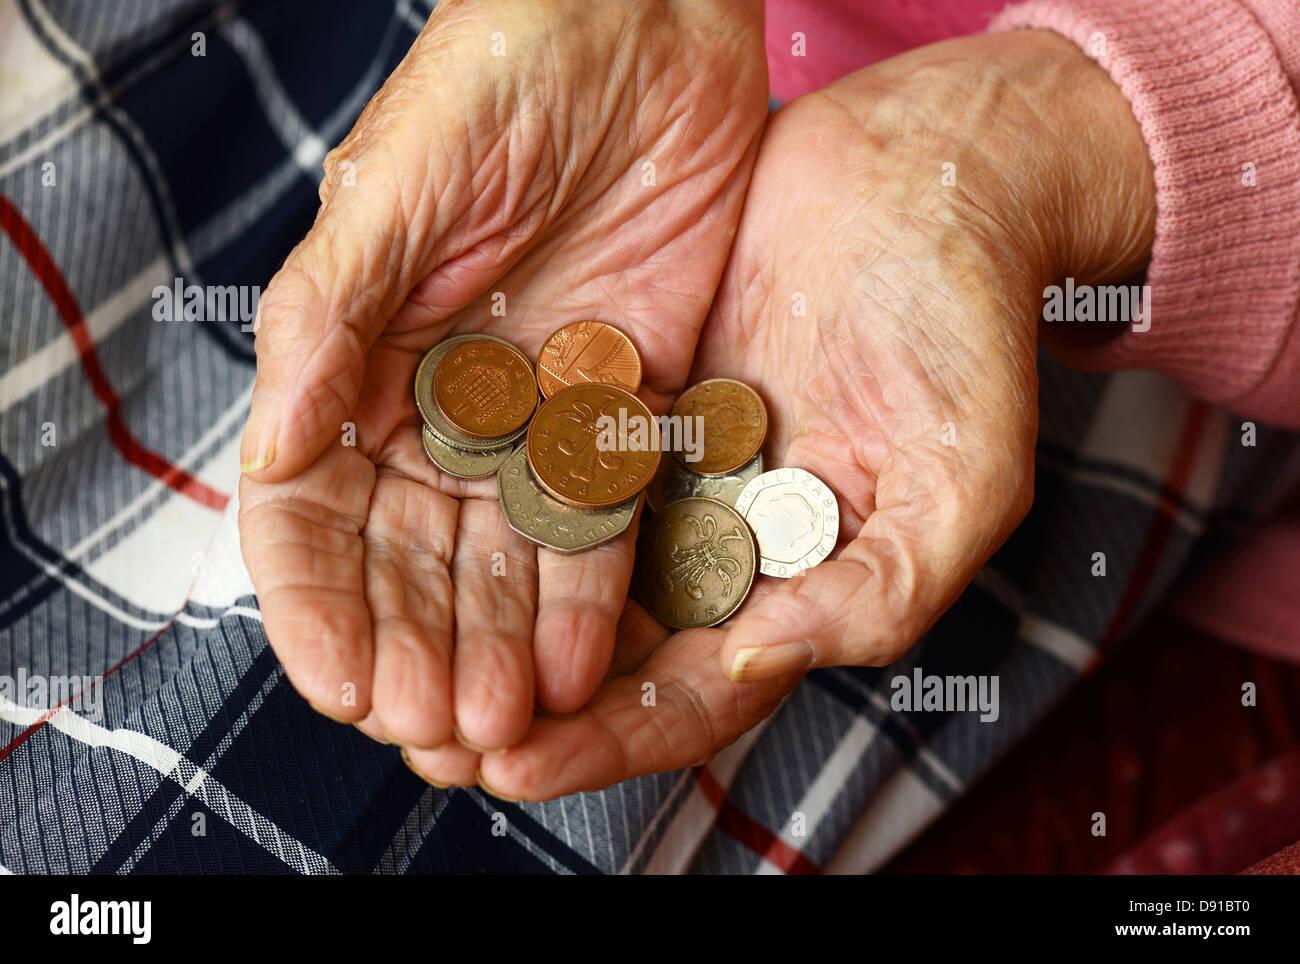 L'argent, des pièces de monnaie dans les mains d'une femme âgée, Close up de l'argent dans des mains de femme plus âgée Banque D'Images